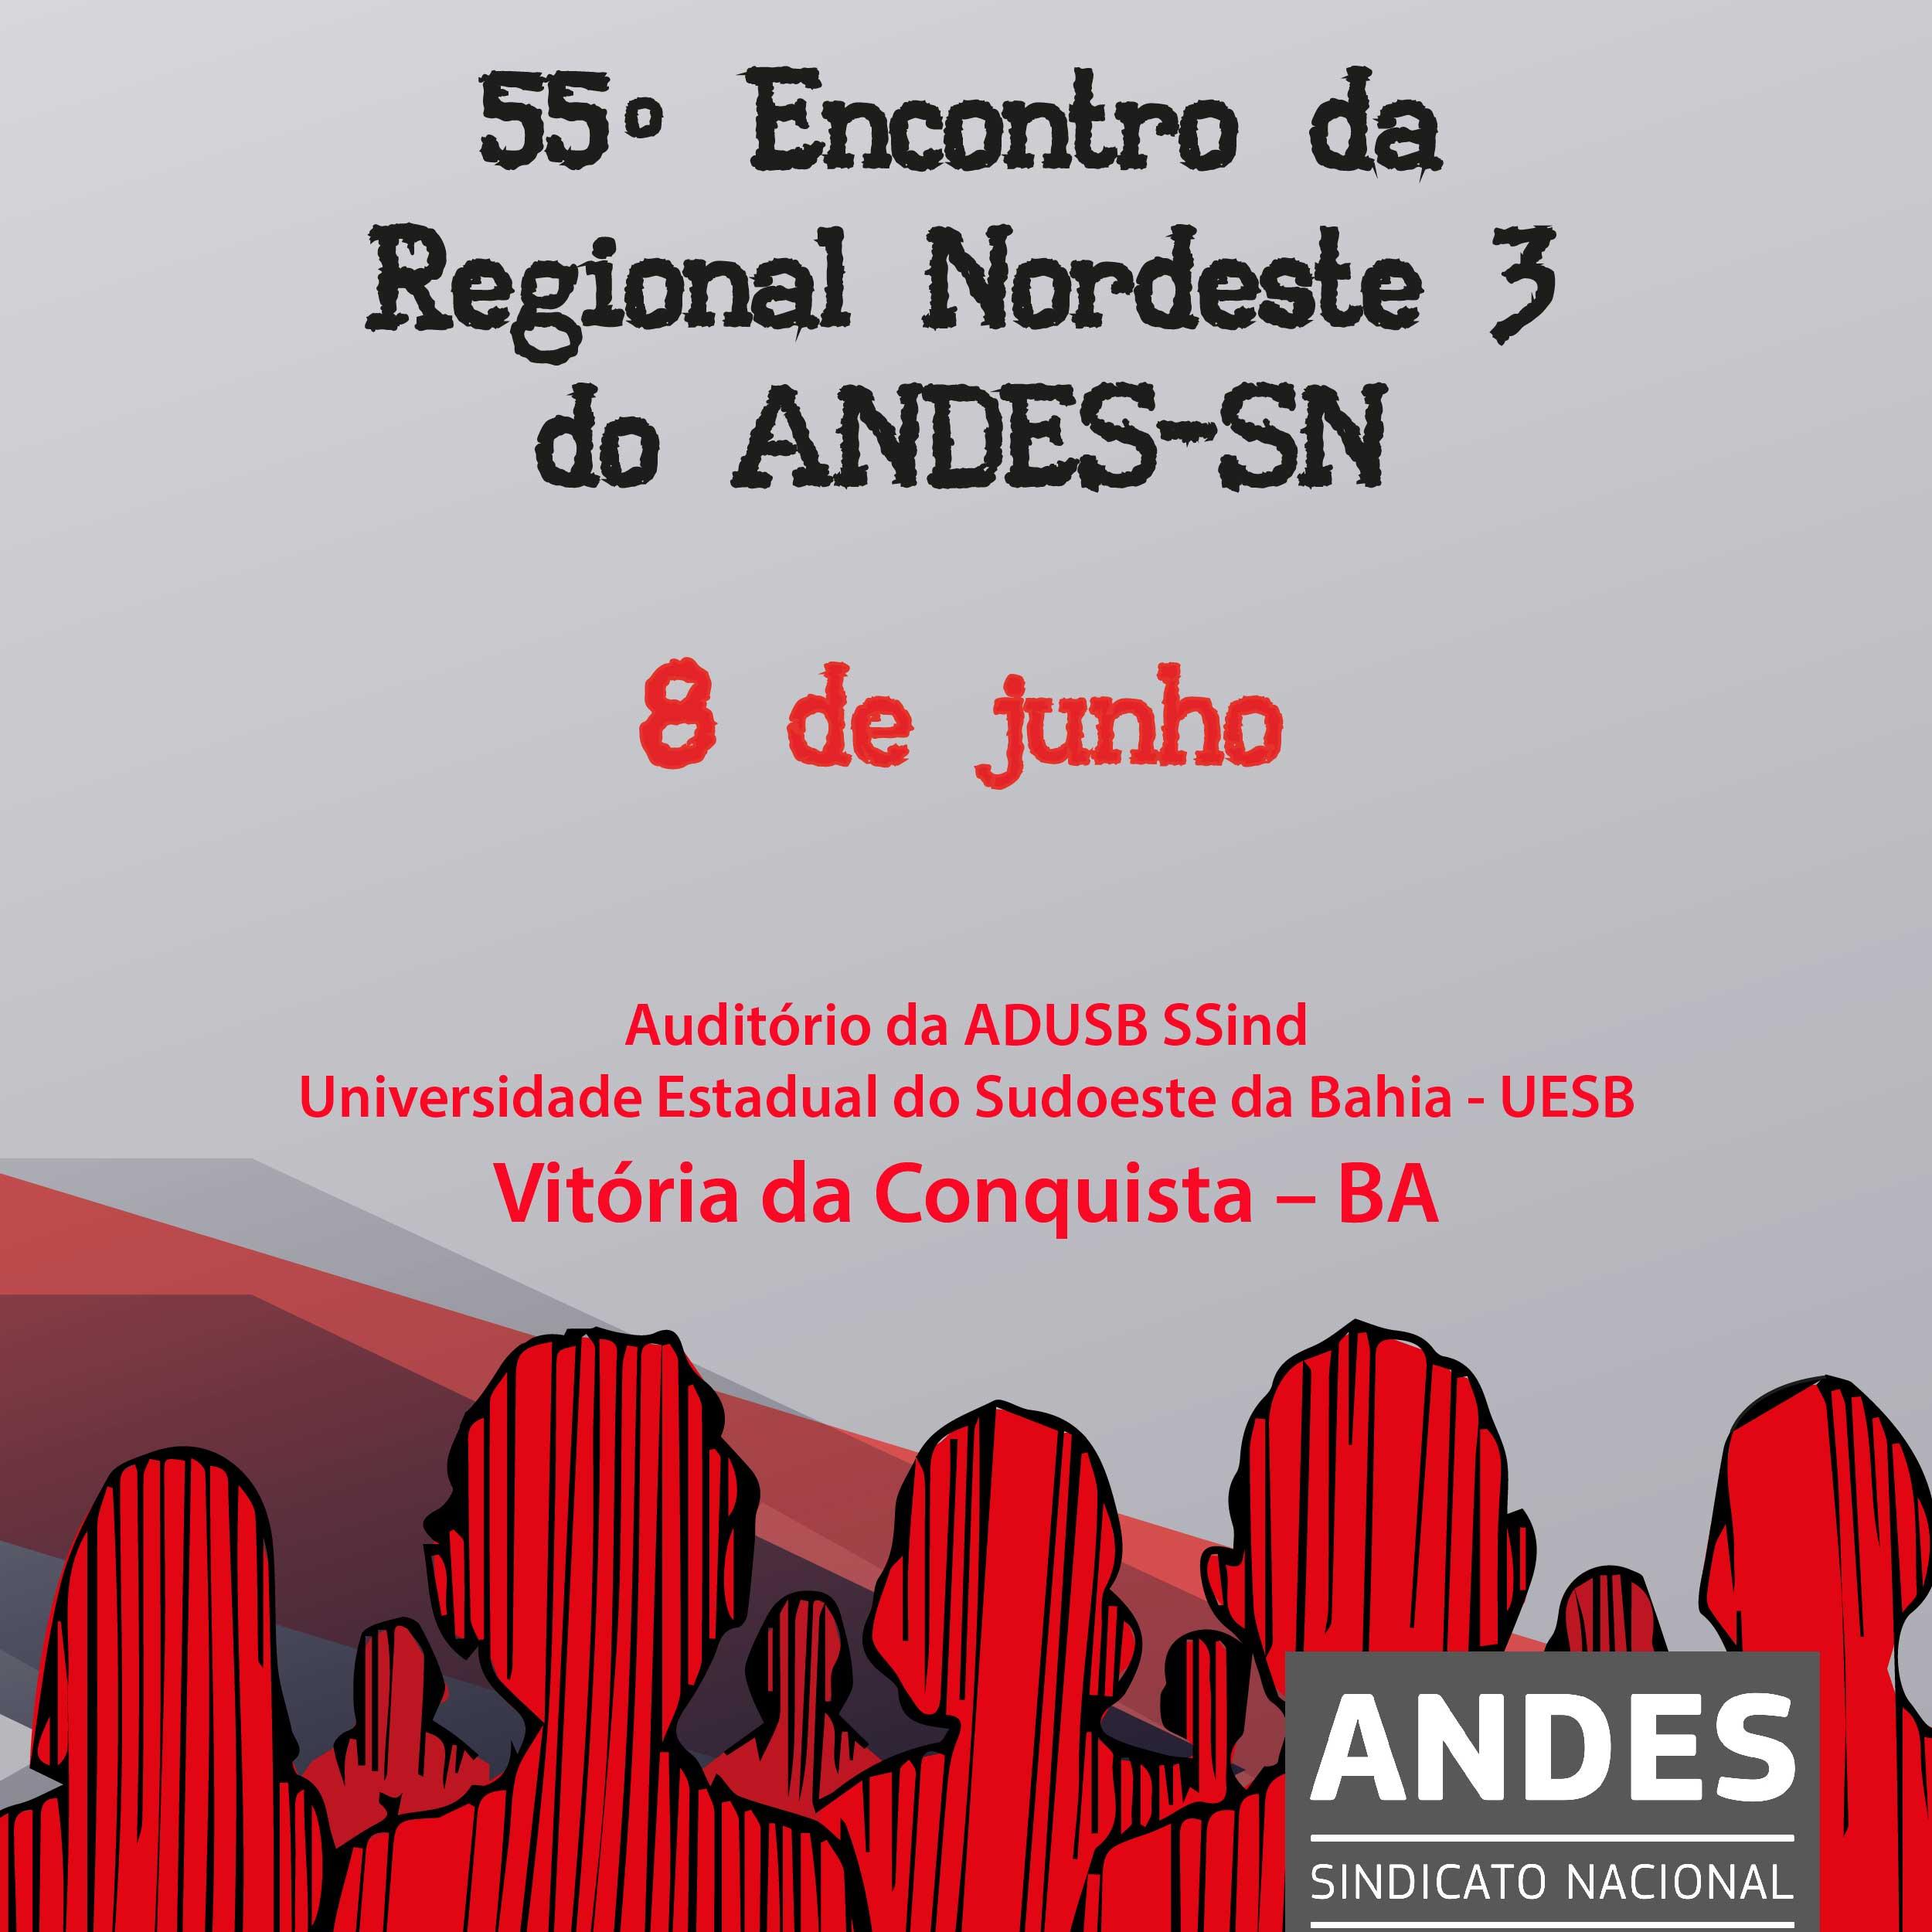 55º Encontro da Regional NE III acontece nos dias 8 e 9 de junho em Vitória da Conquista